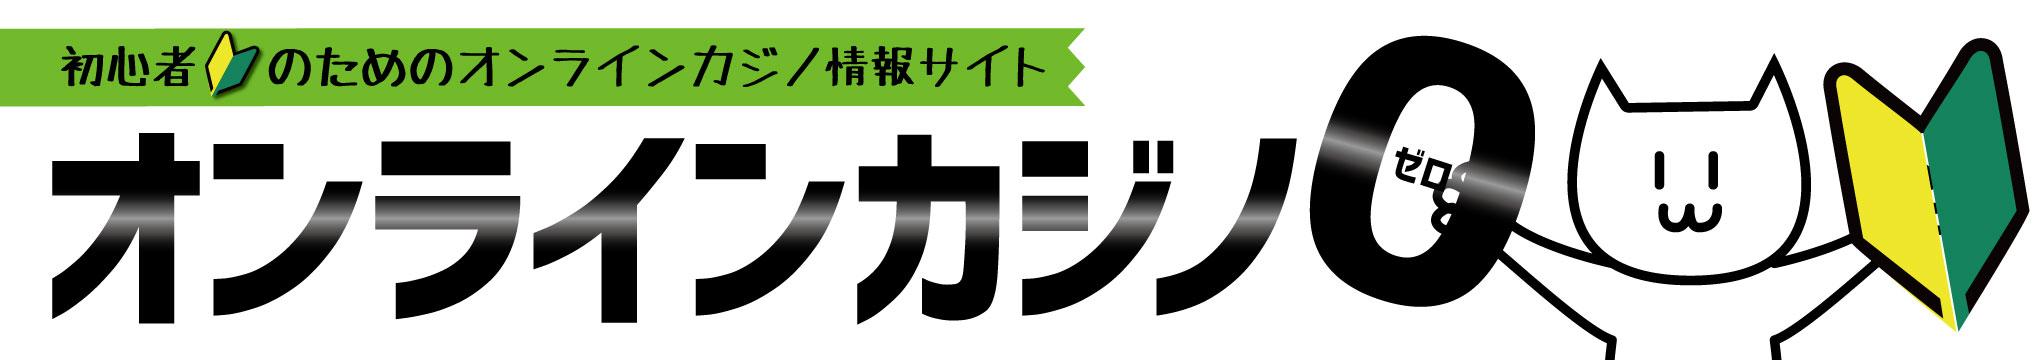 「オンラインカジノゼロ」タイトルロゴ